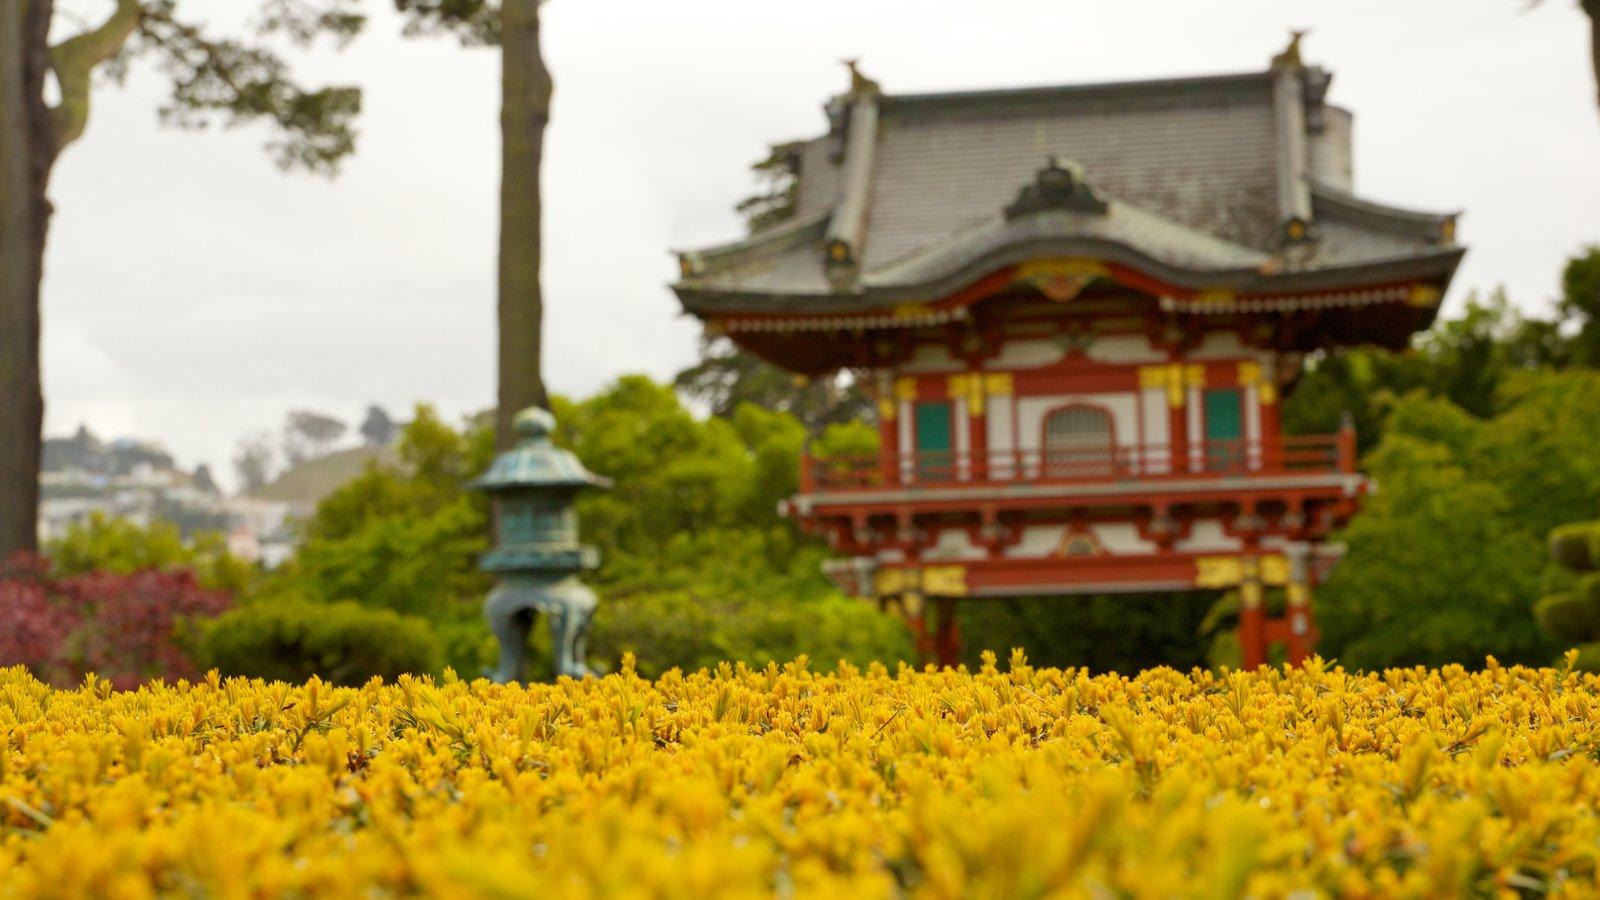 Japanese Tea Garden mostrando arquitetura de patrimônio, flores e um templo ou local de adoração